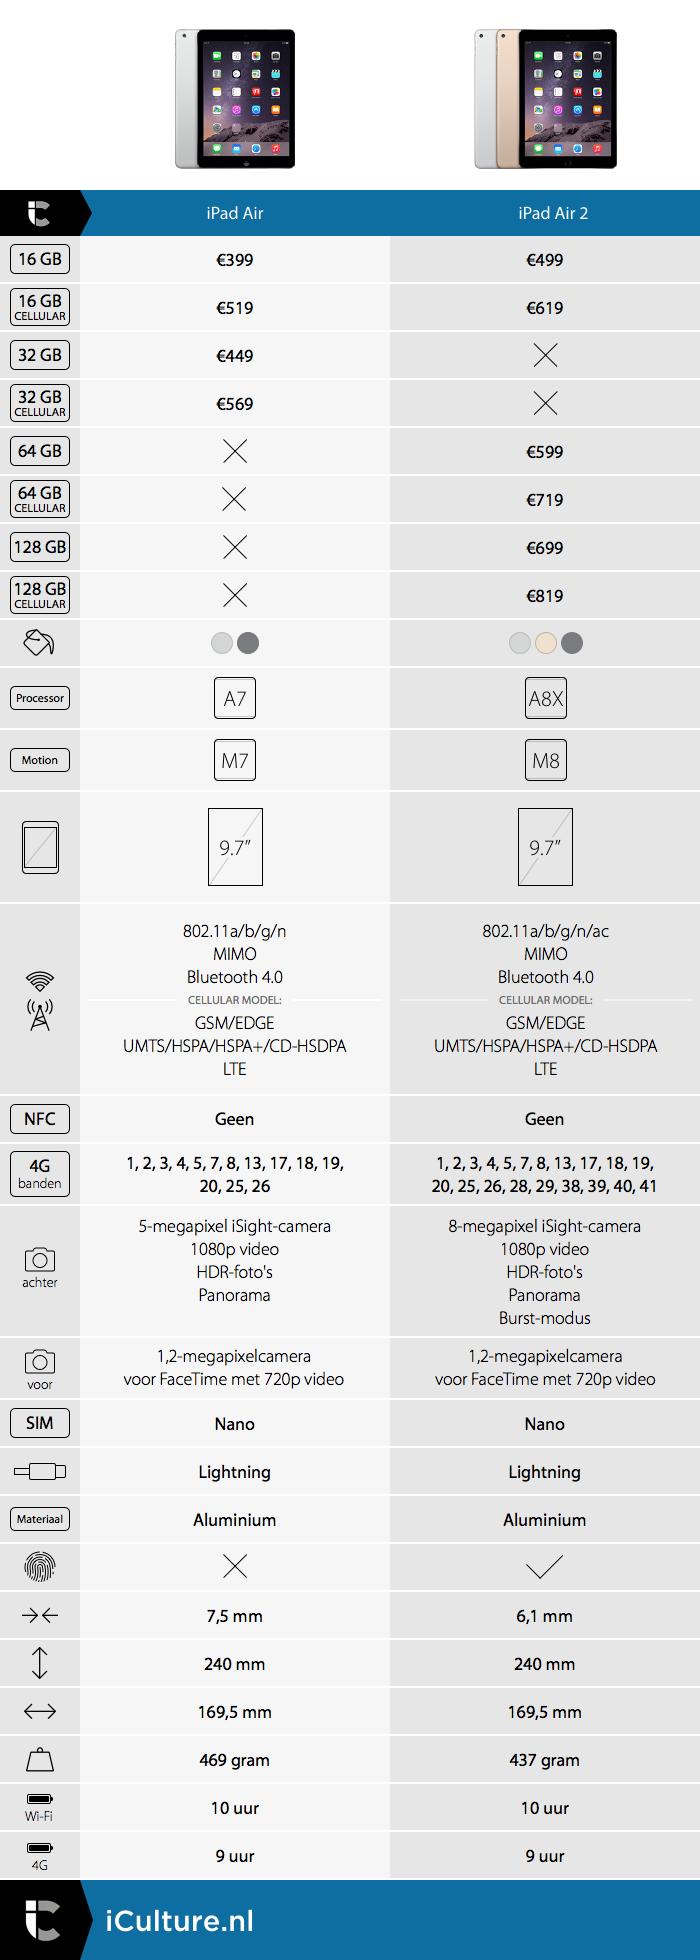 iCulture vergelijkt: iPad Air en iPad Air 2